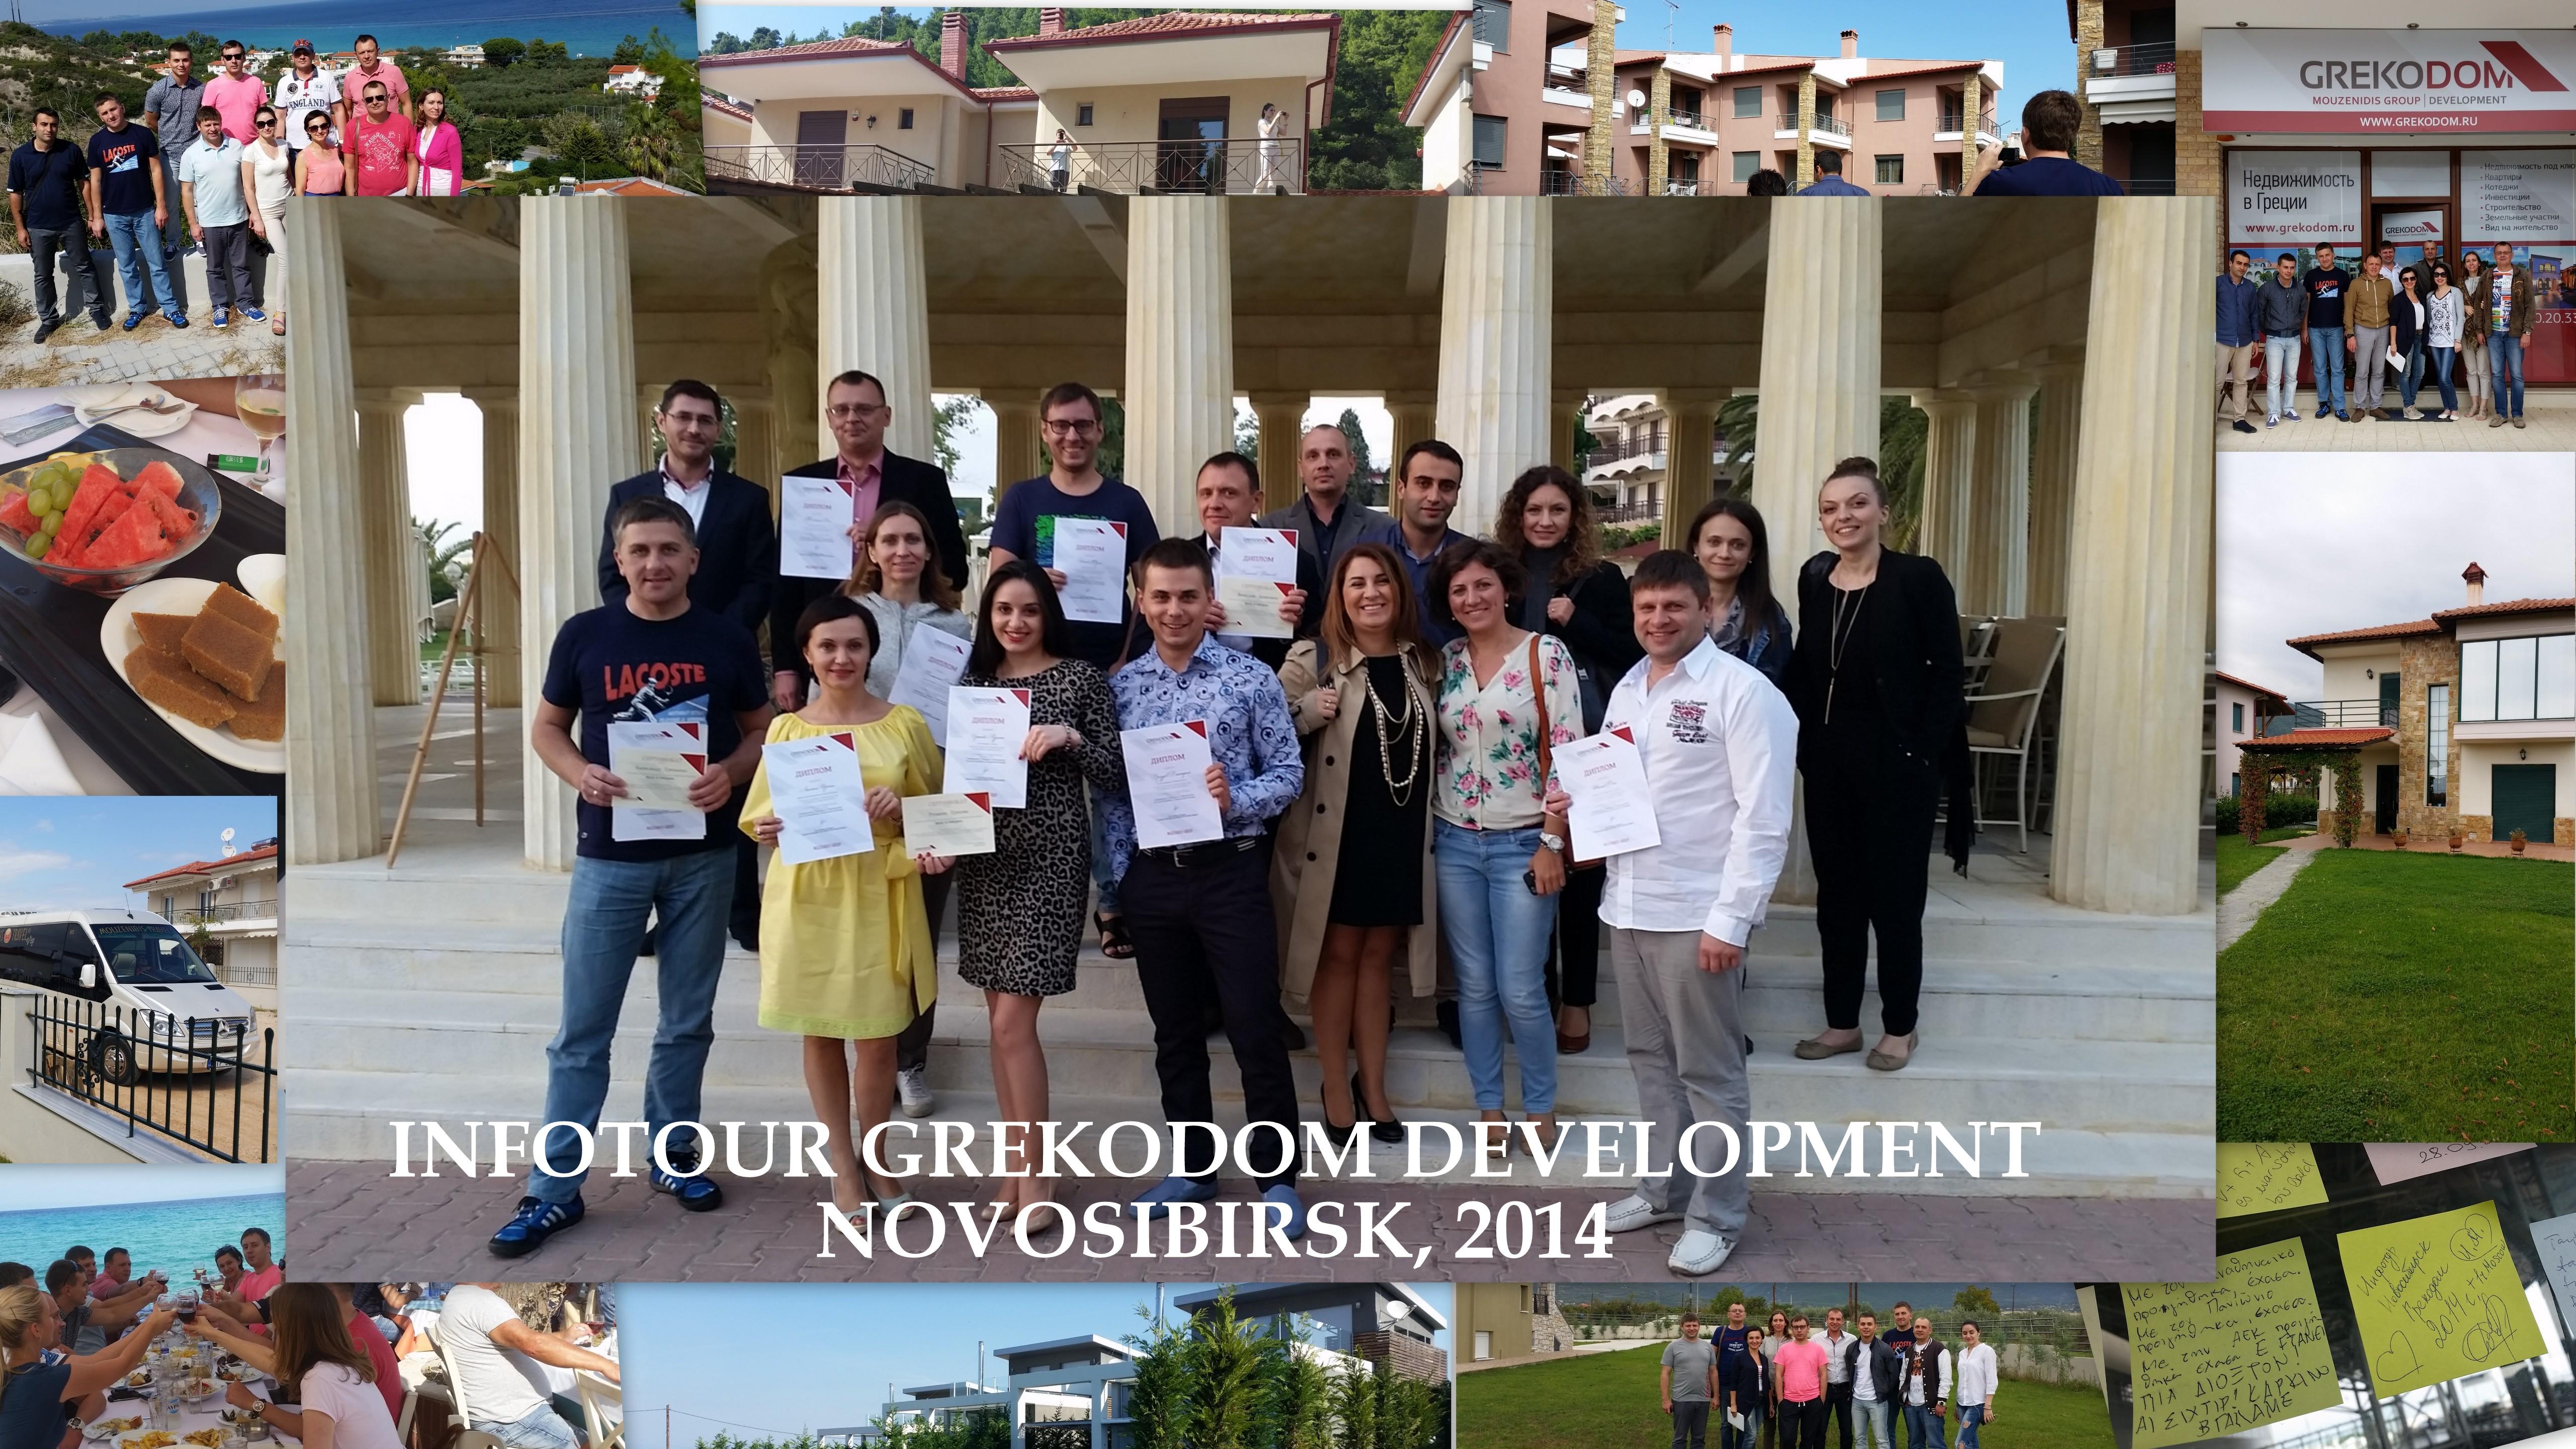 Приглашаем партнеров из Санкт-Петербурга принять участие в инфотуре от Grekodom Development!